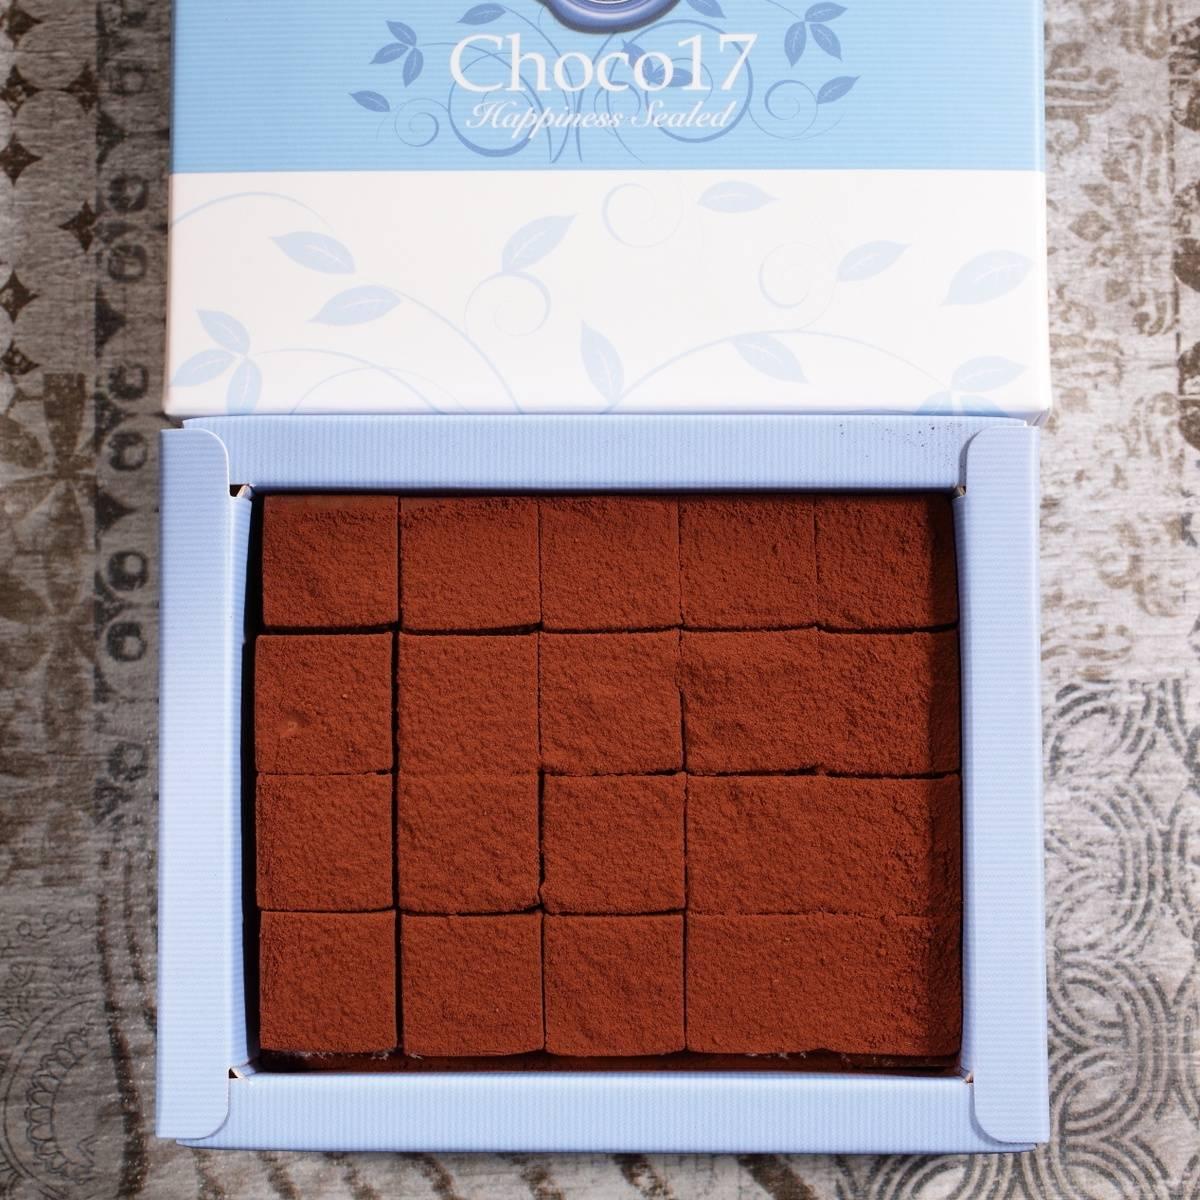 85%皇家經典生巧克力❤1分鐘狂賣4盒❤【Choco17 香謝17巧克力】巧克力專賣  | APP下單滿$888現折$111 3